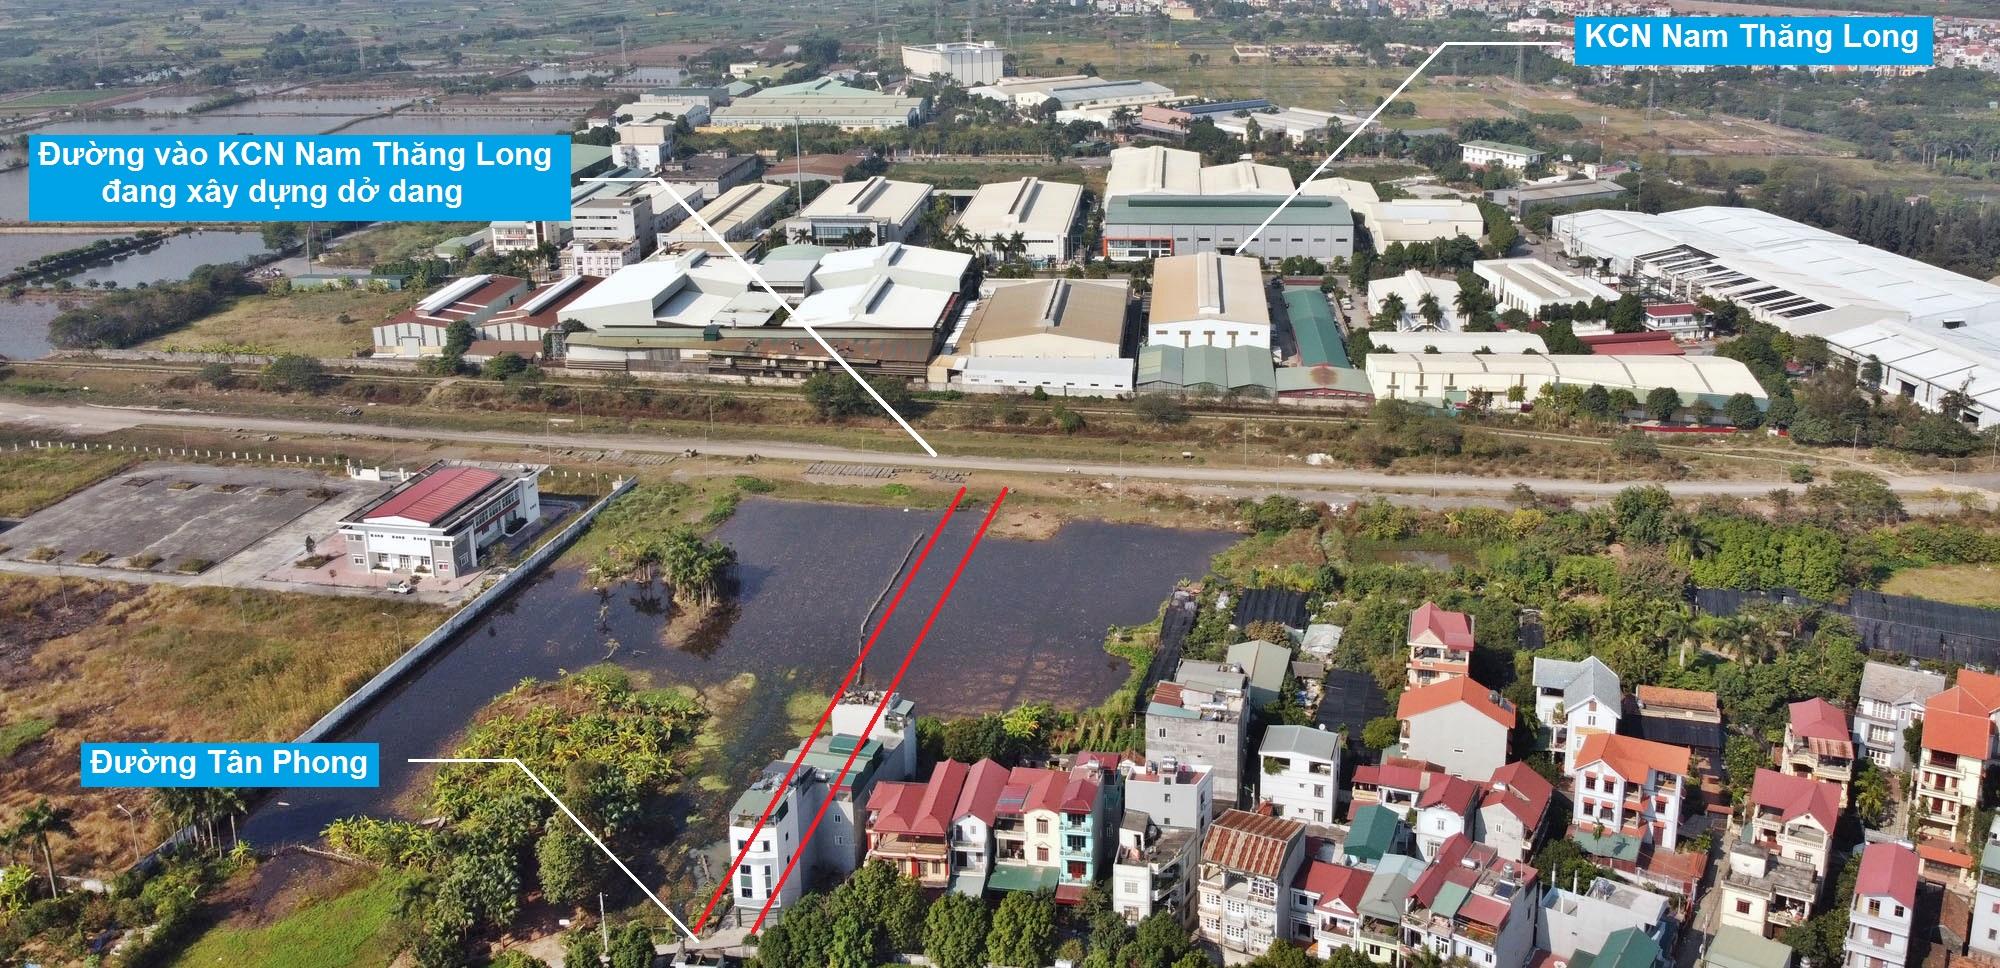 Ba đường sẽ mở theo qui hoạch ở phường Thụy Phương, Bắc Từ Liêm, Hà Nội (phần 2) - Ảnh 12.